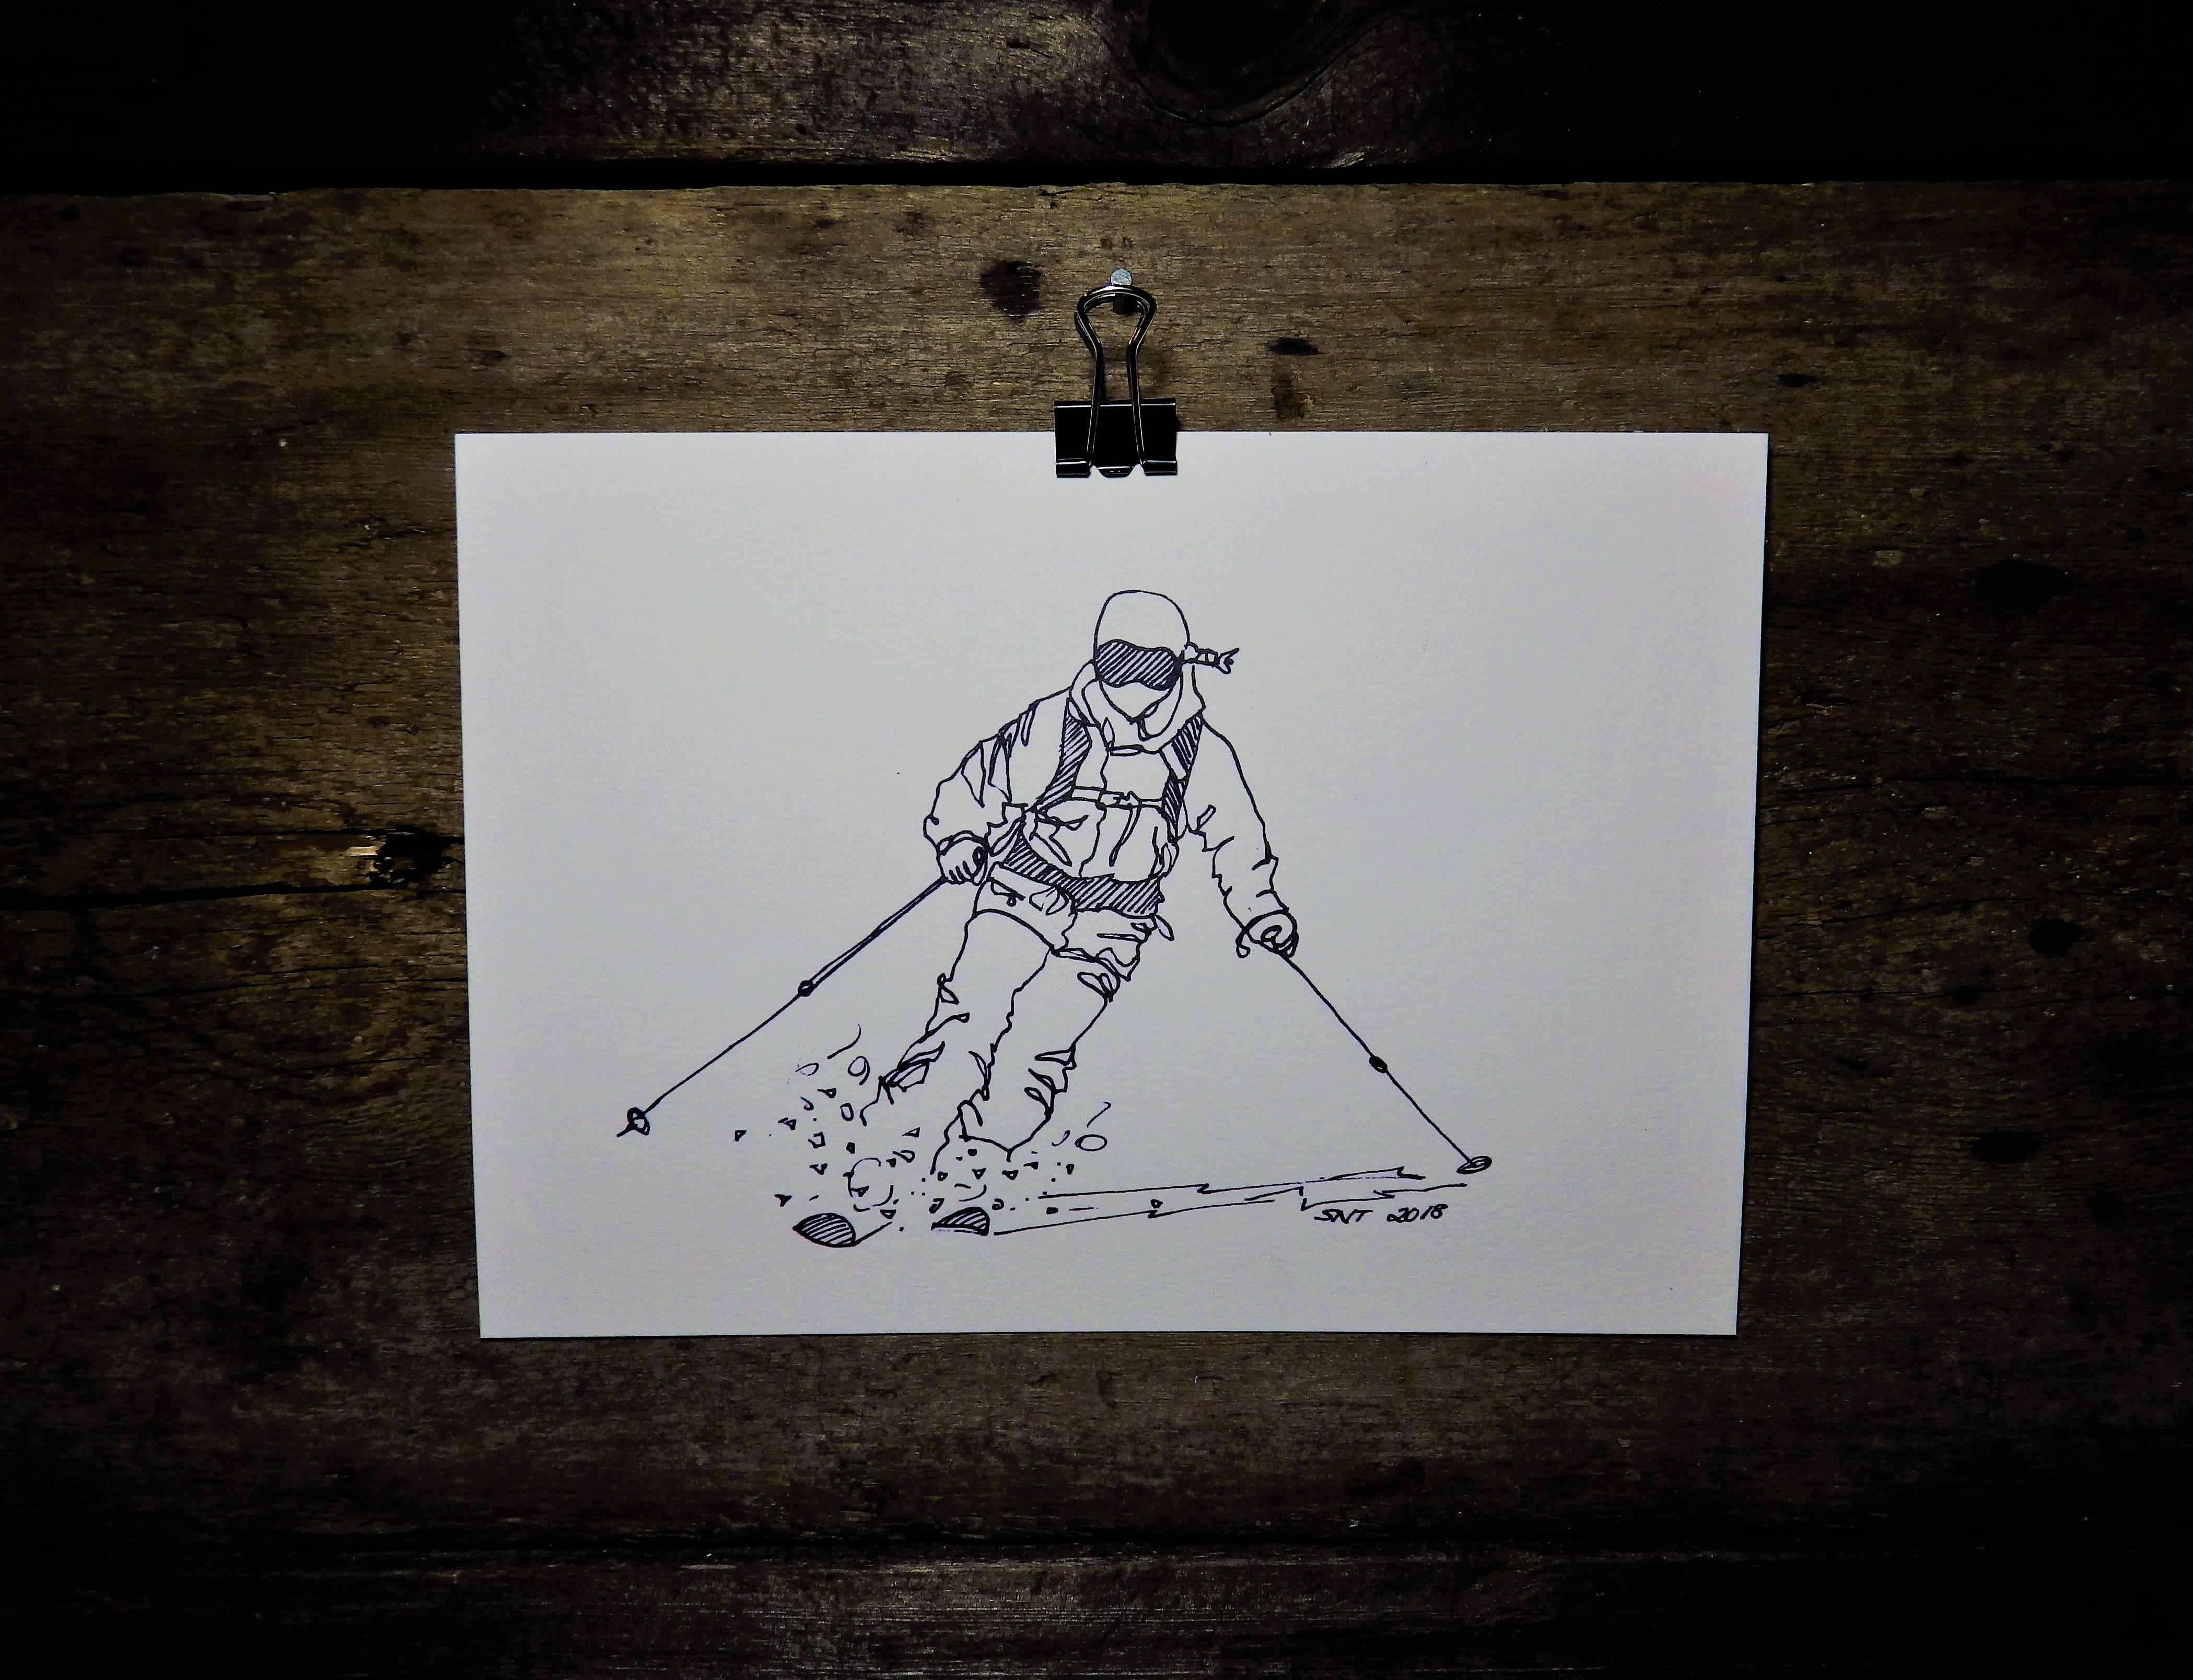 KONSTTRYCK - Skidoåkare 1